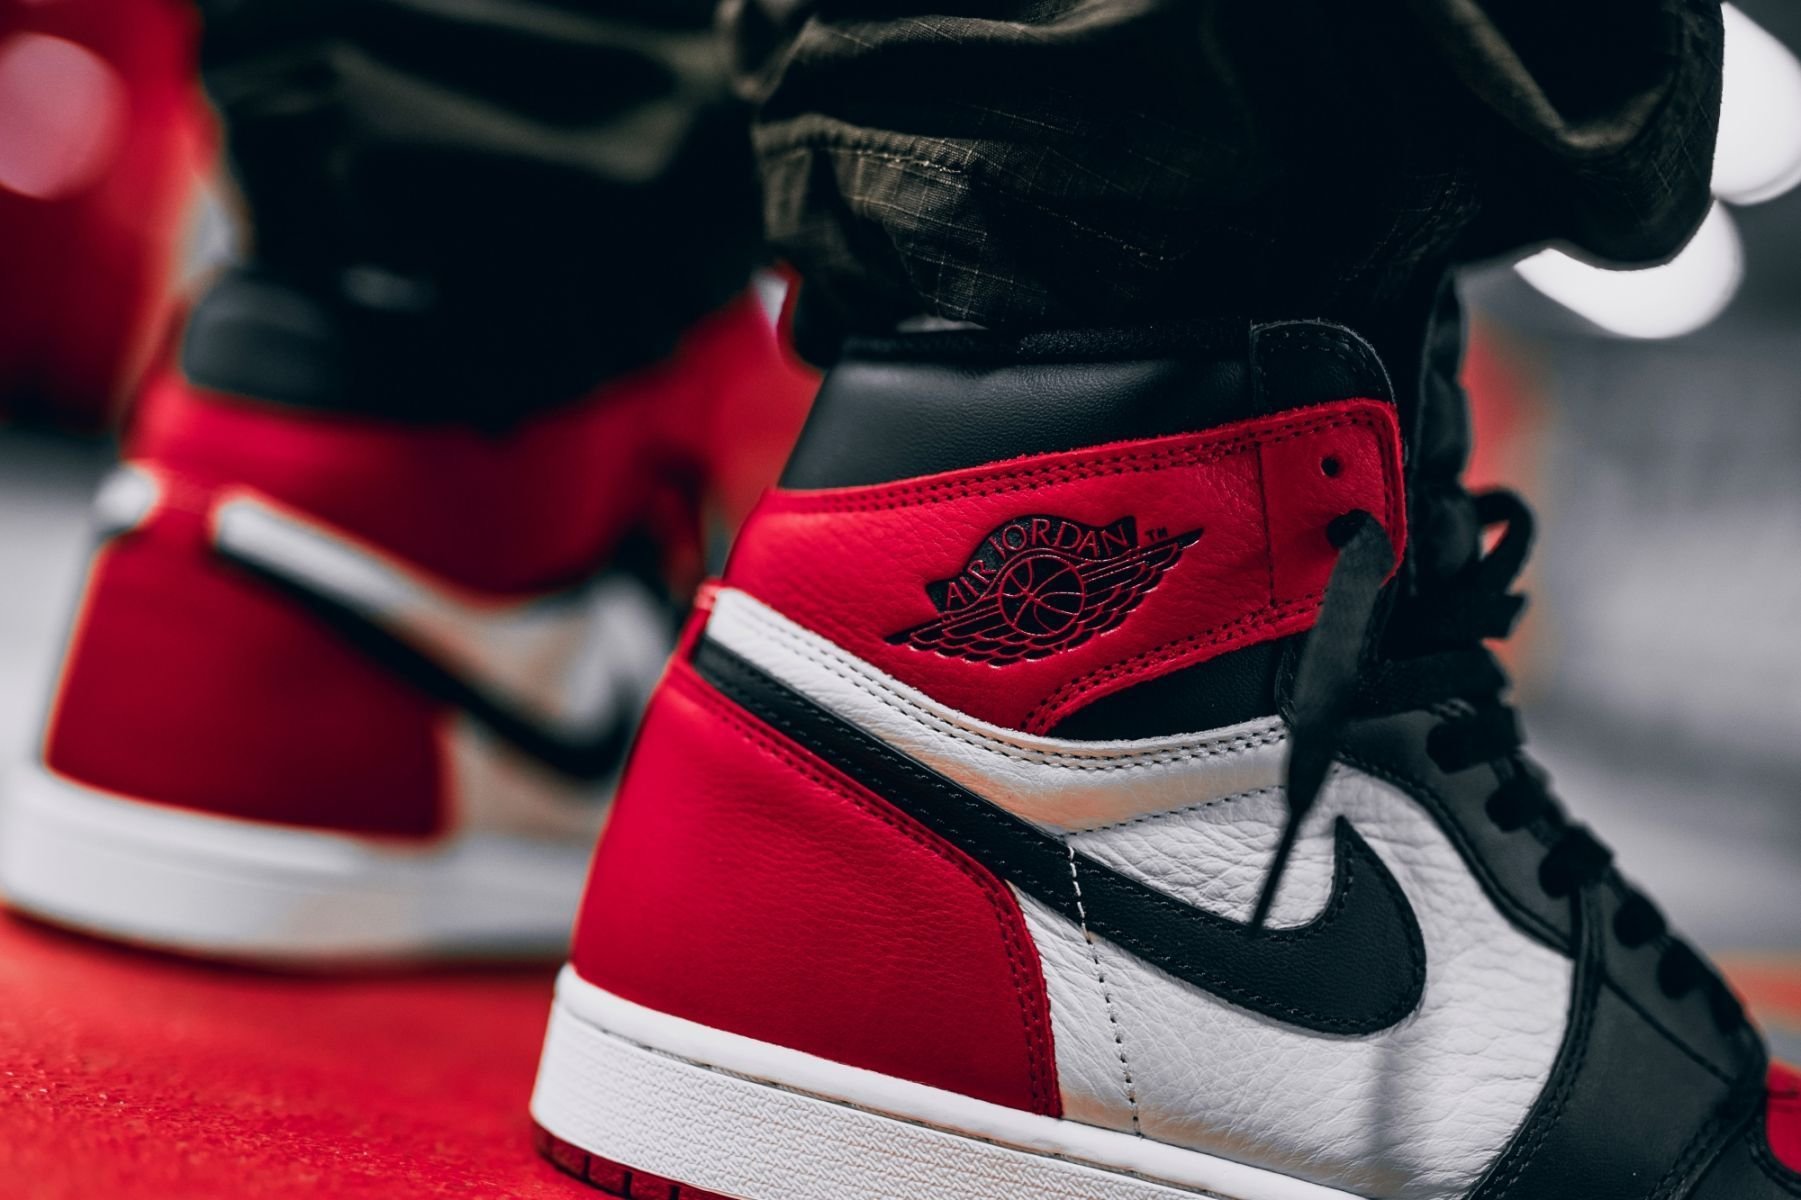 Air Jordan 1 High Og Bred Toe Air Jordans Jordans Sneakers